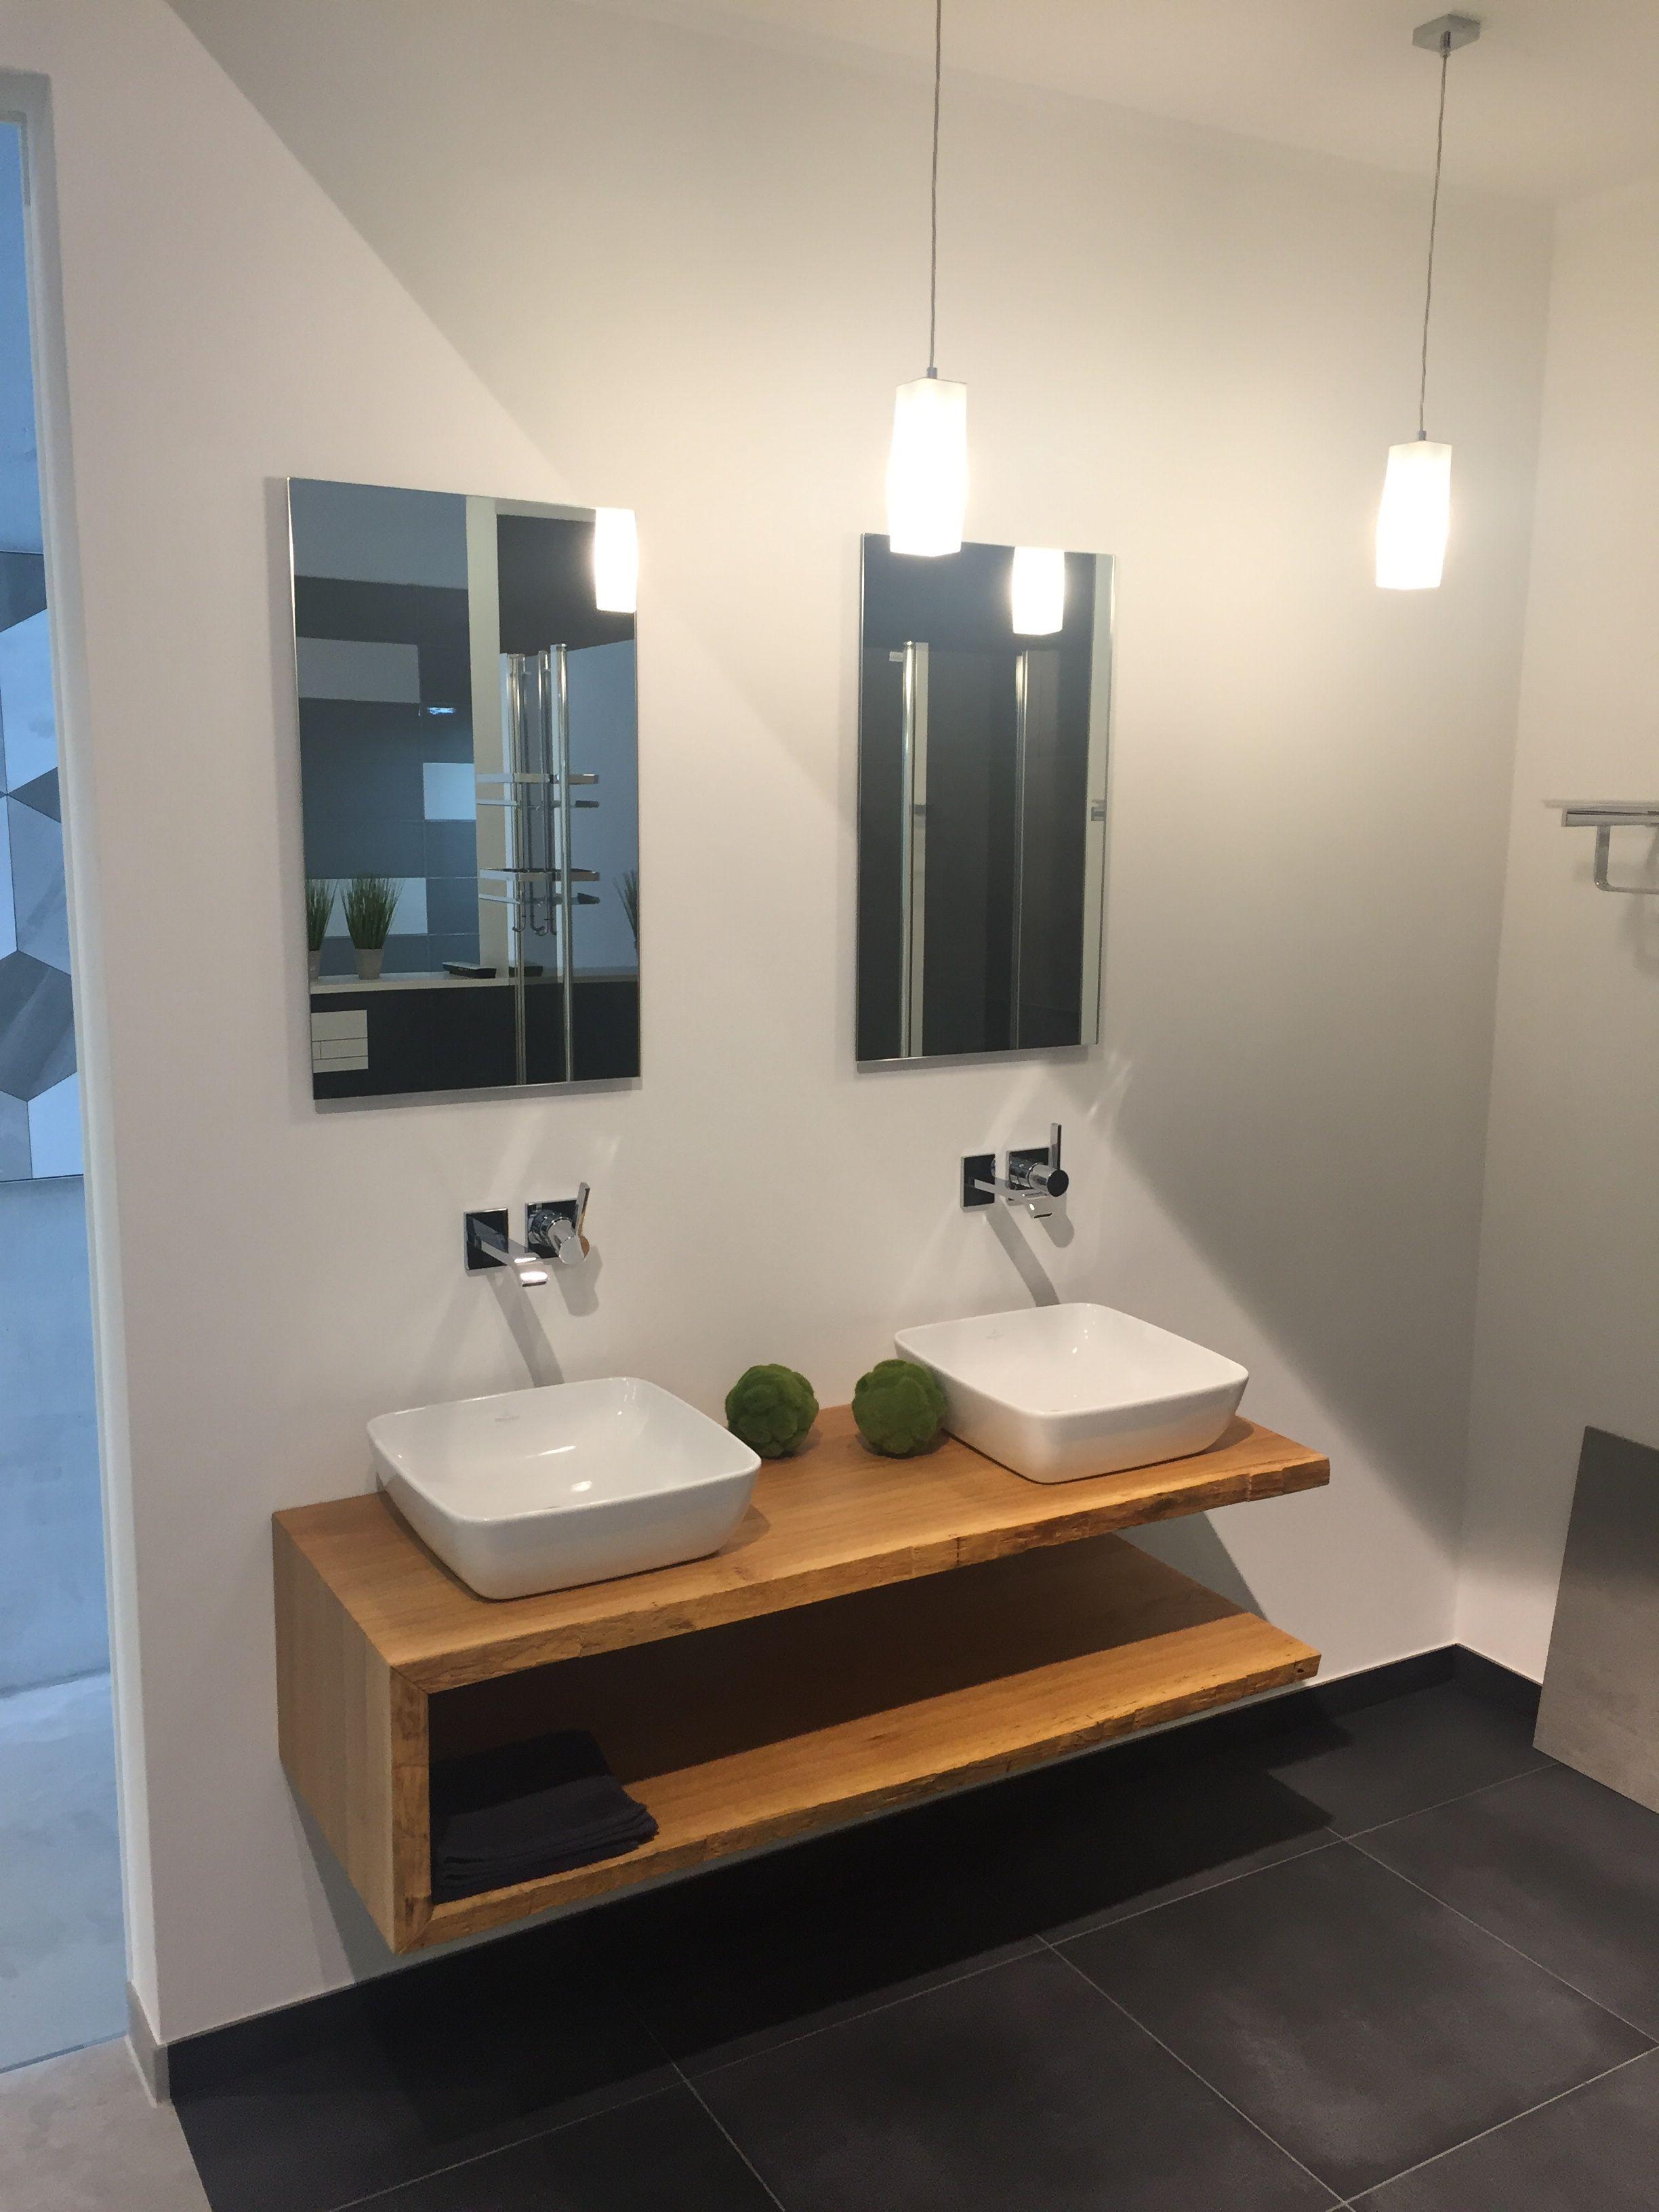 Waschplatzanlage Mit Baumkante Badezimmer Waschbecken Sanitar